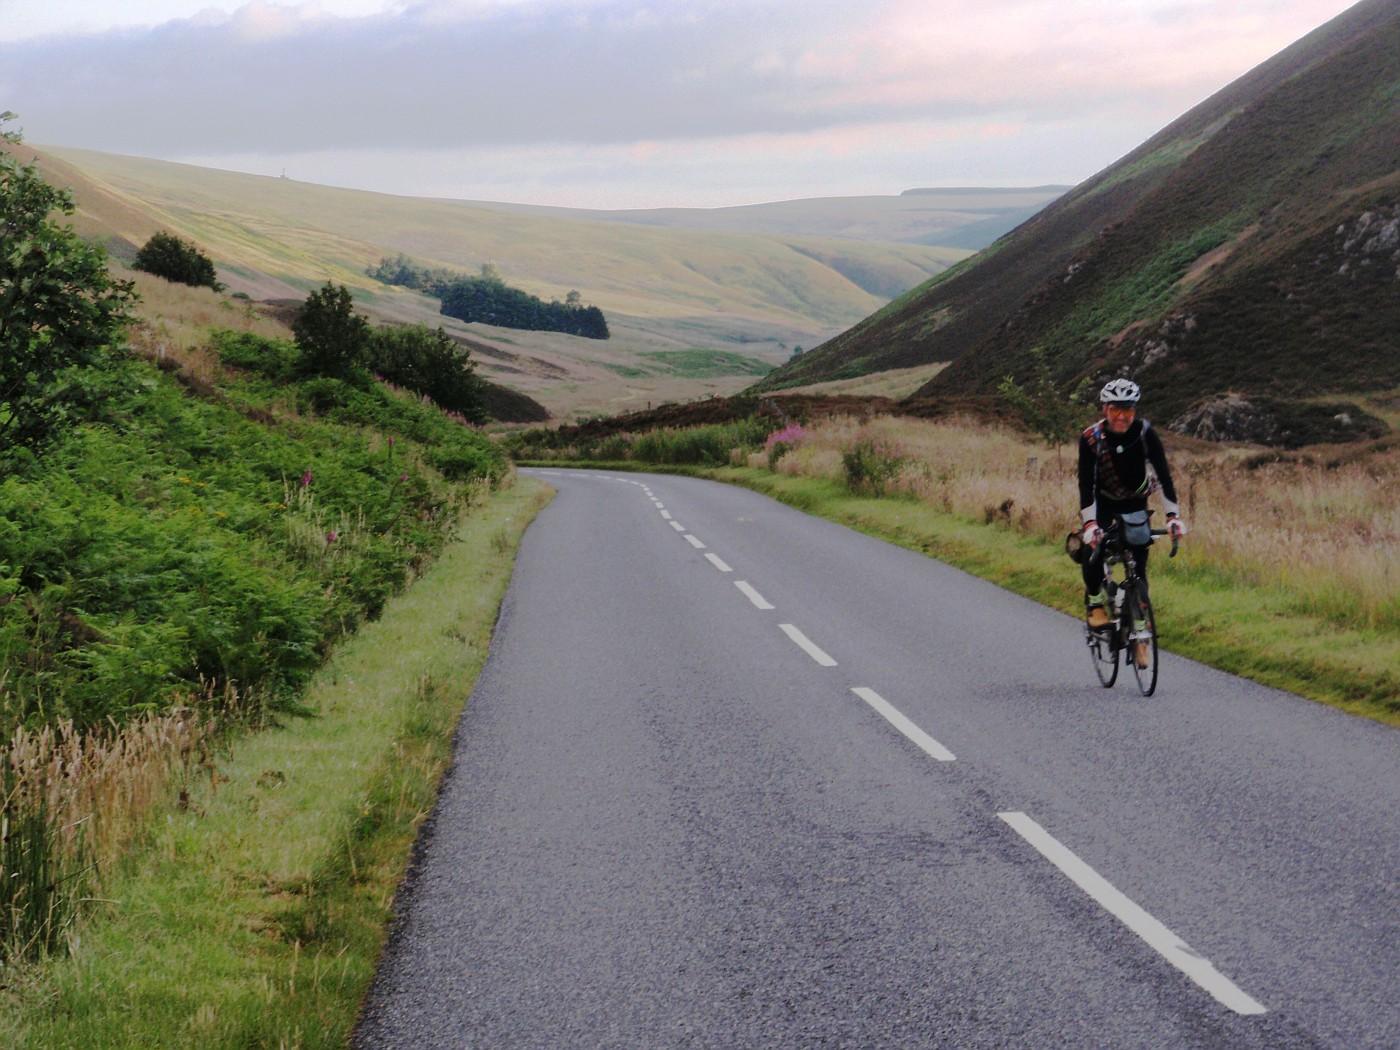 Road through Scottish hills